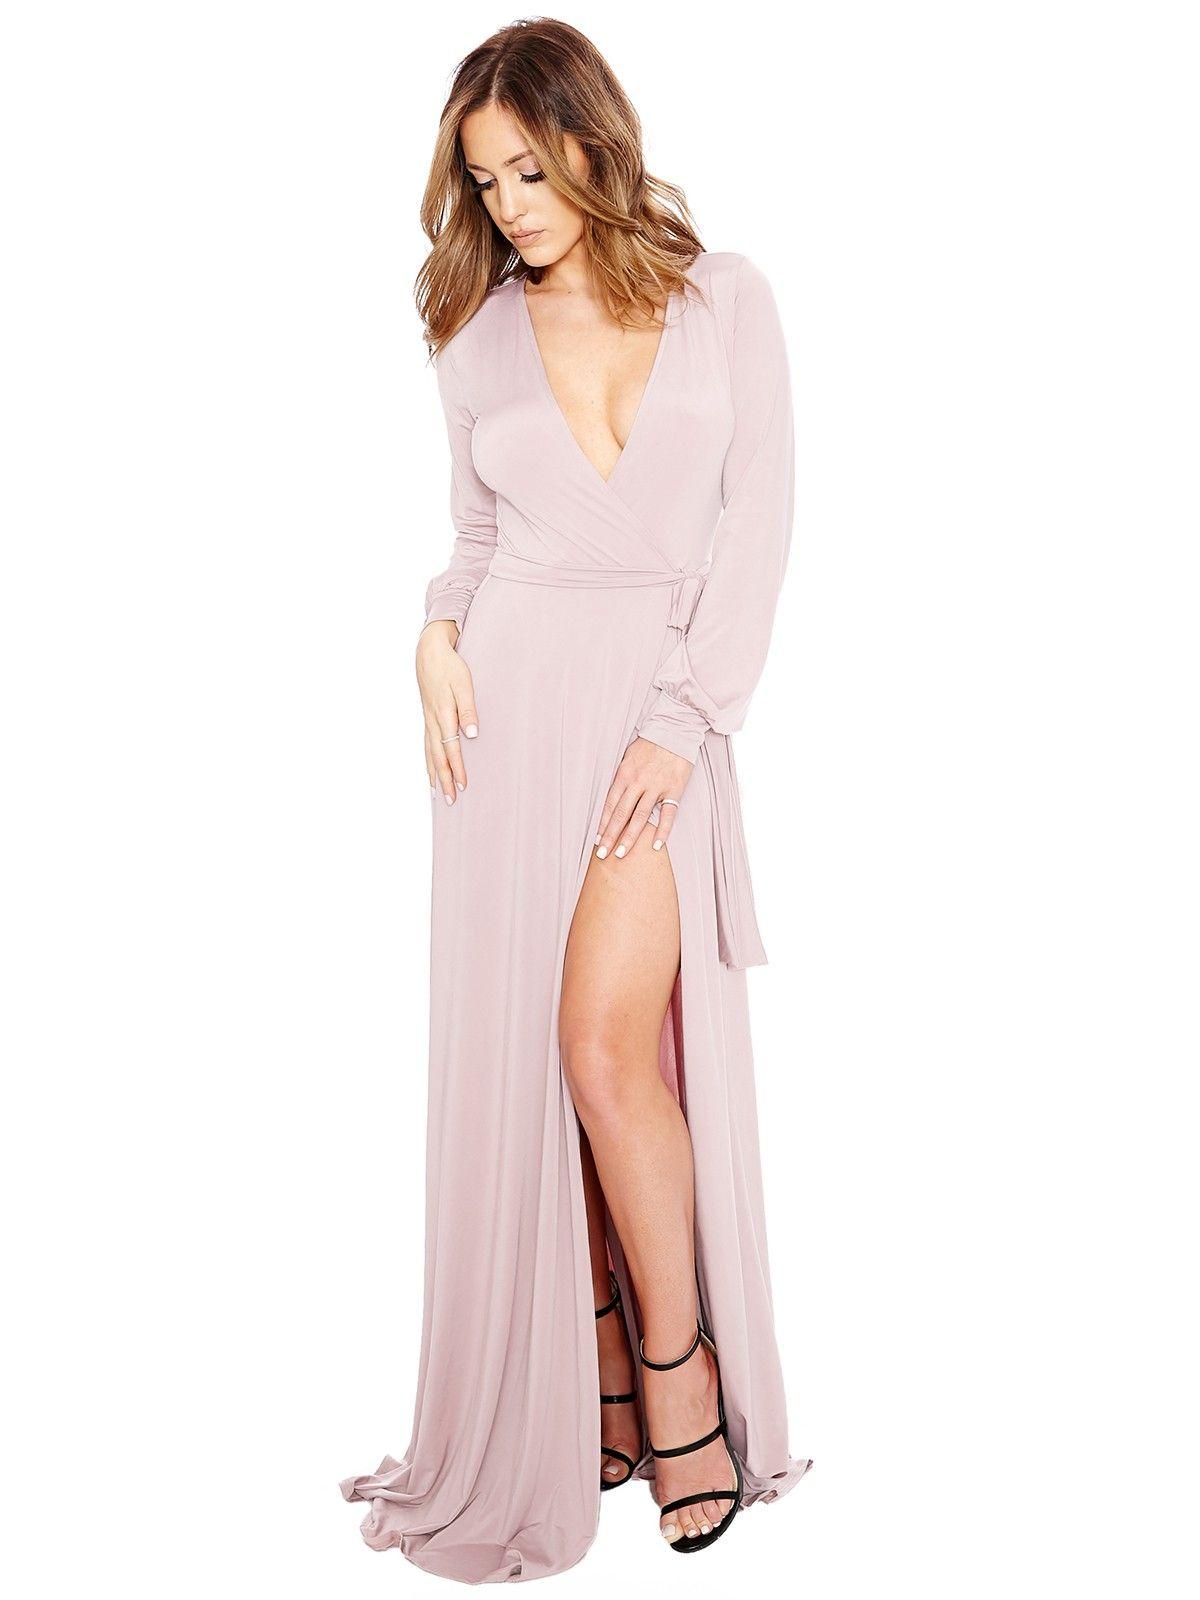 Rachel Zoe Debbie Grecian Wrap Dress in Nude (Natural) - Lyst